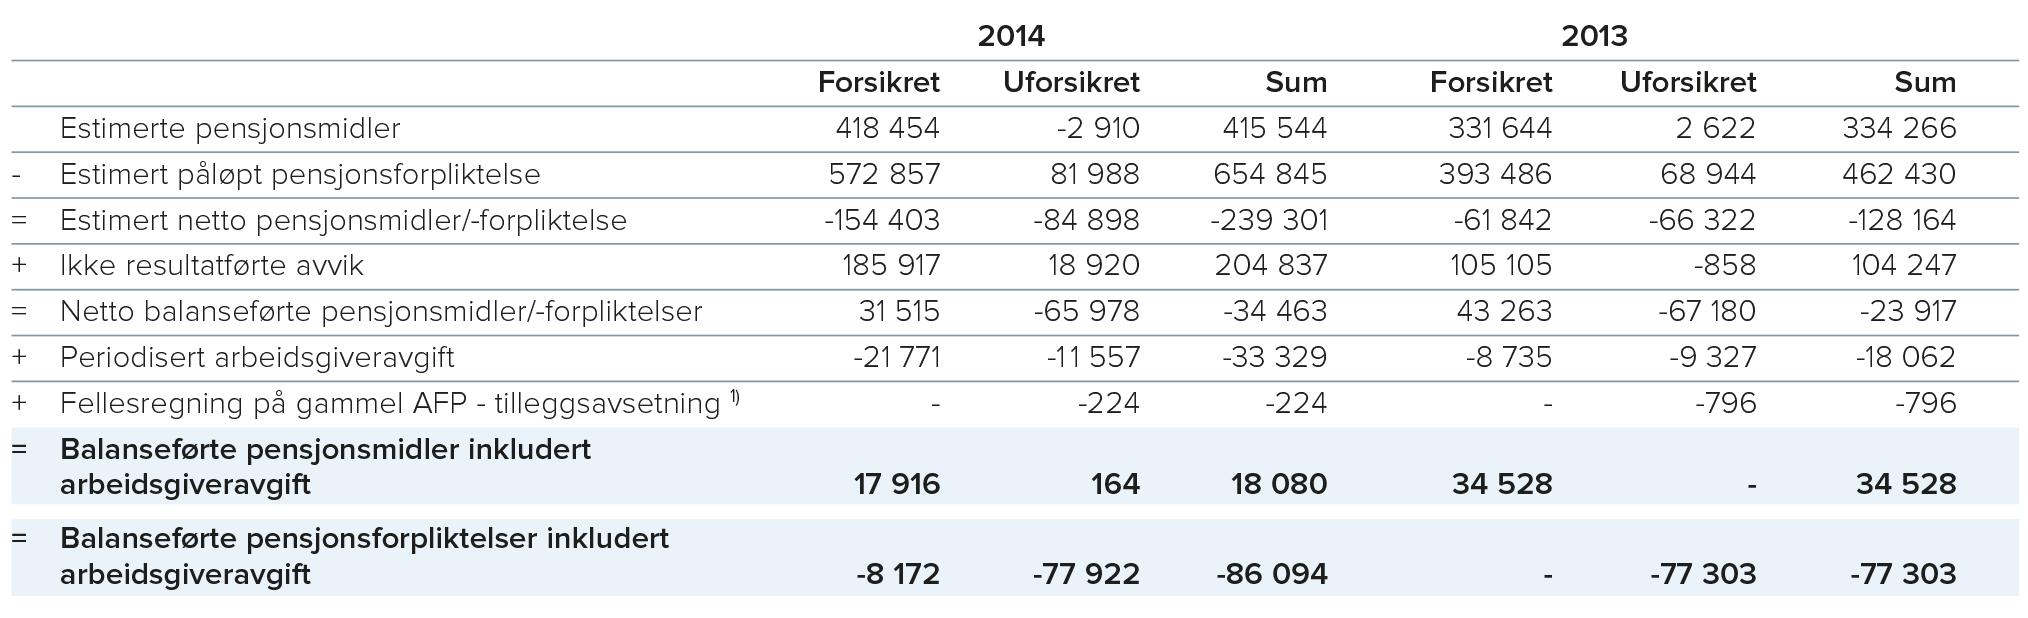 1) Ved overgang til ny AFP-ordning er det avsatt 300 kroner per ansatt, som skal dekke premie for gammel AFP for 2015.